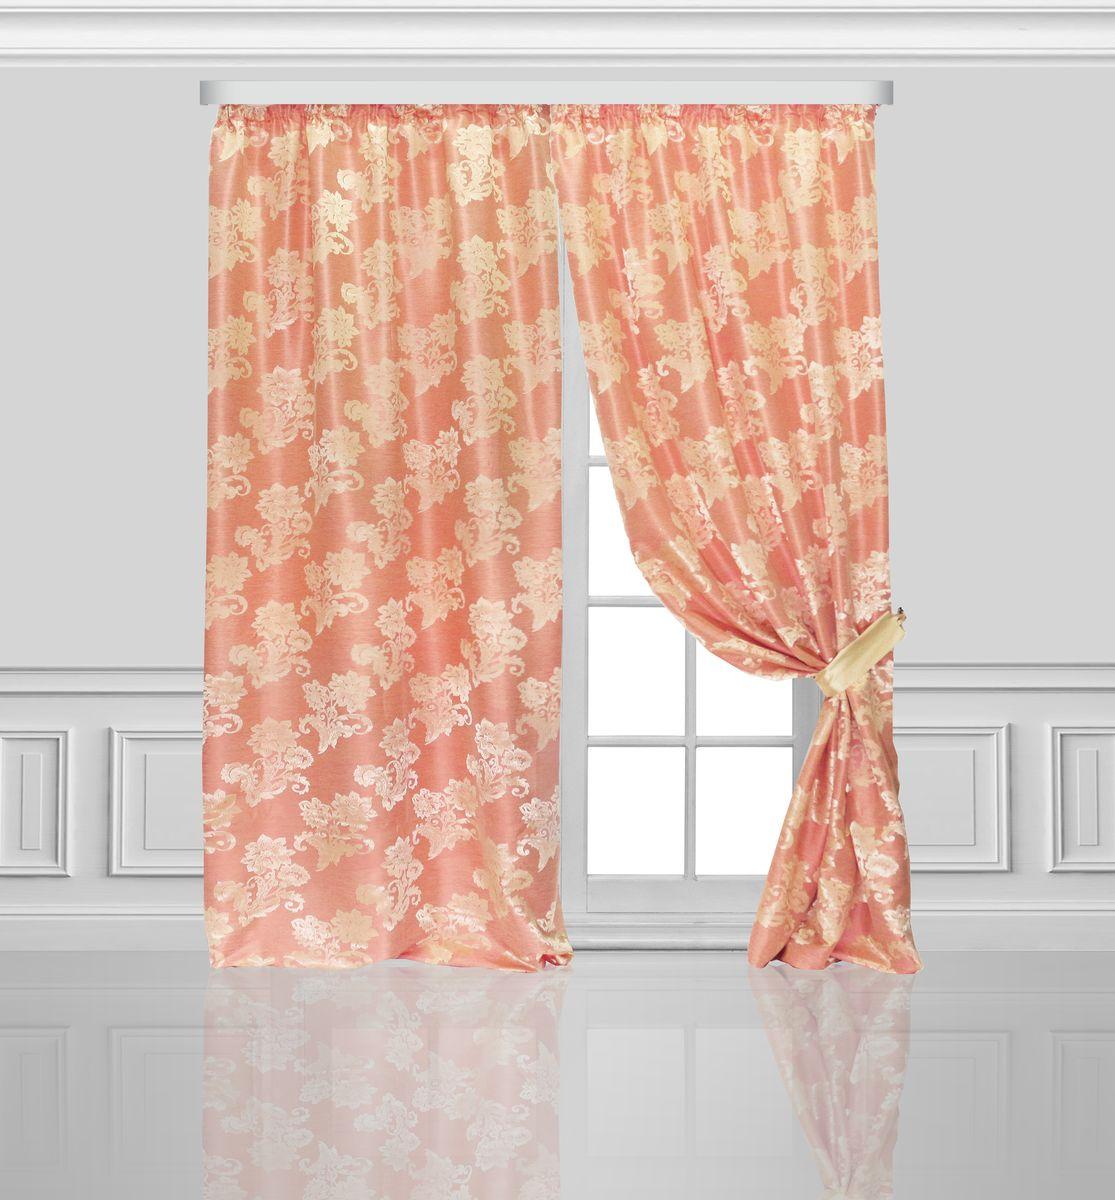 Комплект штор Zlata Korunka, на ленте, цвет: персик, высота 270 см. 777084777084Роскошный комплект штор Zlata Korunka комплект состоит из двух штор и двух подхватов, выполненных из 100% полиэстера, которыевеликолепно украсит любое окно. Плотная ткань, оригинальный орнамент и приятная цветовая гамма привлекут к себе внимание и органично впишутся в интерьерпомещения.Комплект крепится на карниз при помощи шторной ленты, которая поможеткрасиво и равномерно задрапировать верх. Этот комплект будет долгое время радовать вас и вашу семью!В комплект входит:Штора: 2 шт. Размер (ШхВ): 150 см х 270 см.Подхват: 2 шт.